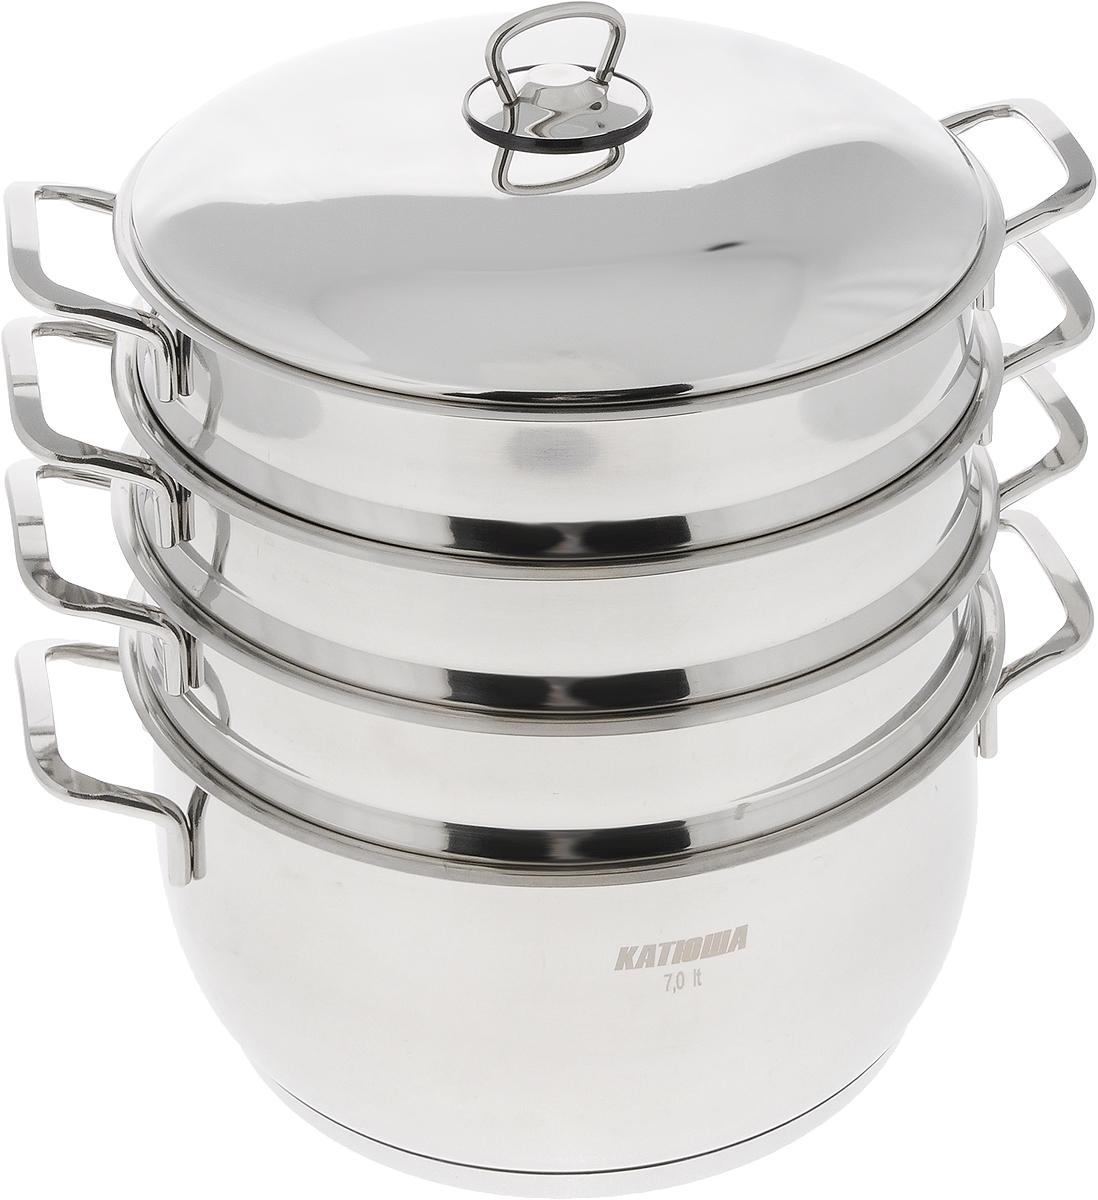 Мантоварка Катюша с крышкой, 3-уровневая, 7 лС70Мантоварка Катюша изготовлена из нержавеющей стали, что делает посуду износостойкой, прочной и практичной. Глубина уровней изделия, диаметр отверстий и объем специально предназначены для приготовления мантов. В мантоварке также можно готовить и другие блюда: овощи, котлеты или пельмени. Готовить на пару очень просто, продукты не пригорают и не склеиваются, а готовое блюдо выходит рассыпчатым и ароматным. Питательные элементы и витамины не растворяются в воде, а остаются в продуктах. Еда получается не только полезной, но и по-настоящему вкусной. Нижнюю часть манотоварки можно использовать как казан. Казаном принято называть большую кастрюлю толстыми стенками и выпуклым овальным дном. В казане можно приготовить много самых разнообразнейших блюд восточной кухни, но, наверное, самое известное и распространенное блюдо, которое приготавливается в казане, это любимый многими плов. Подходит для газовых и электрических плит. Внутренний диаметр...